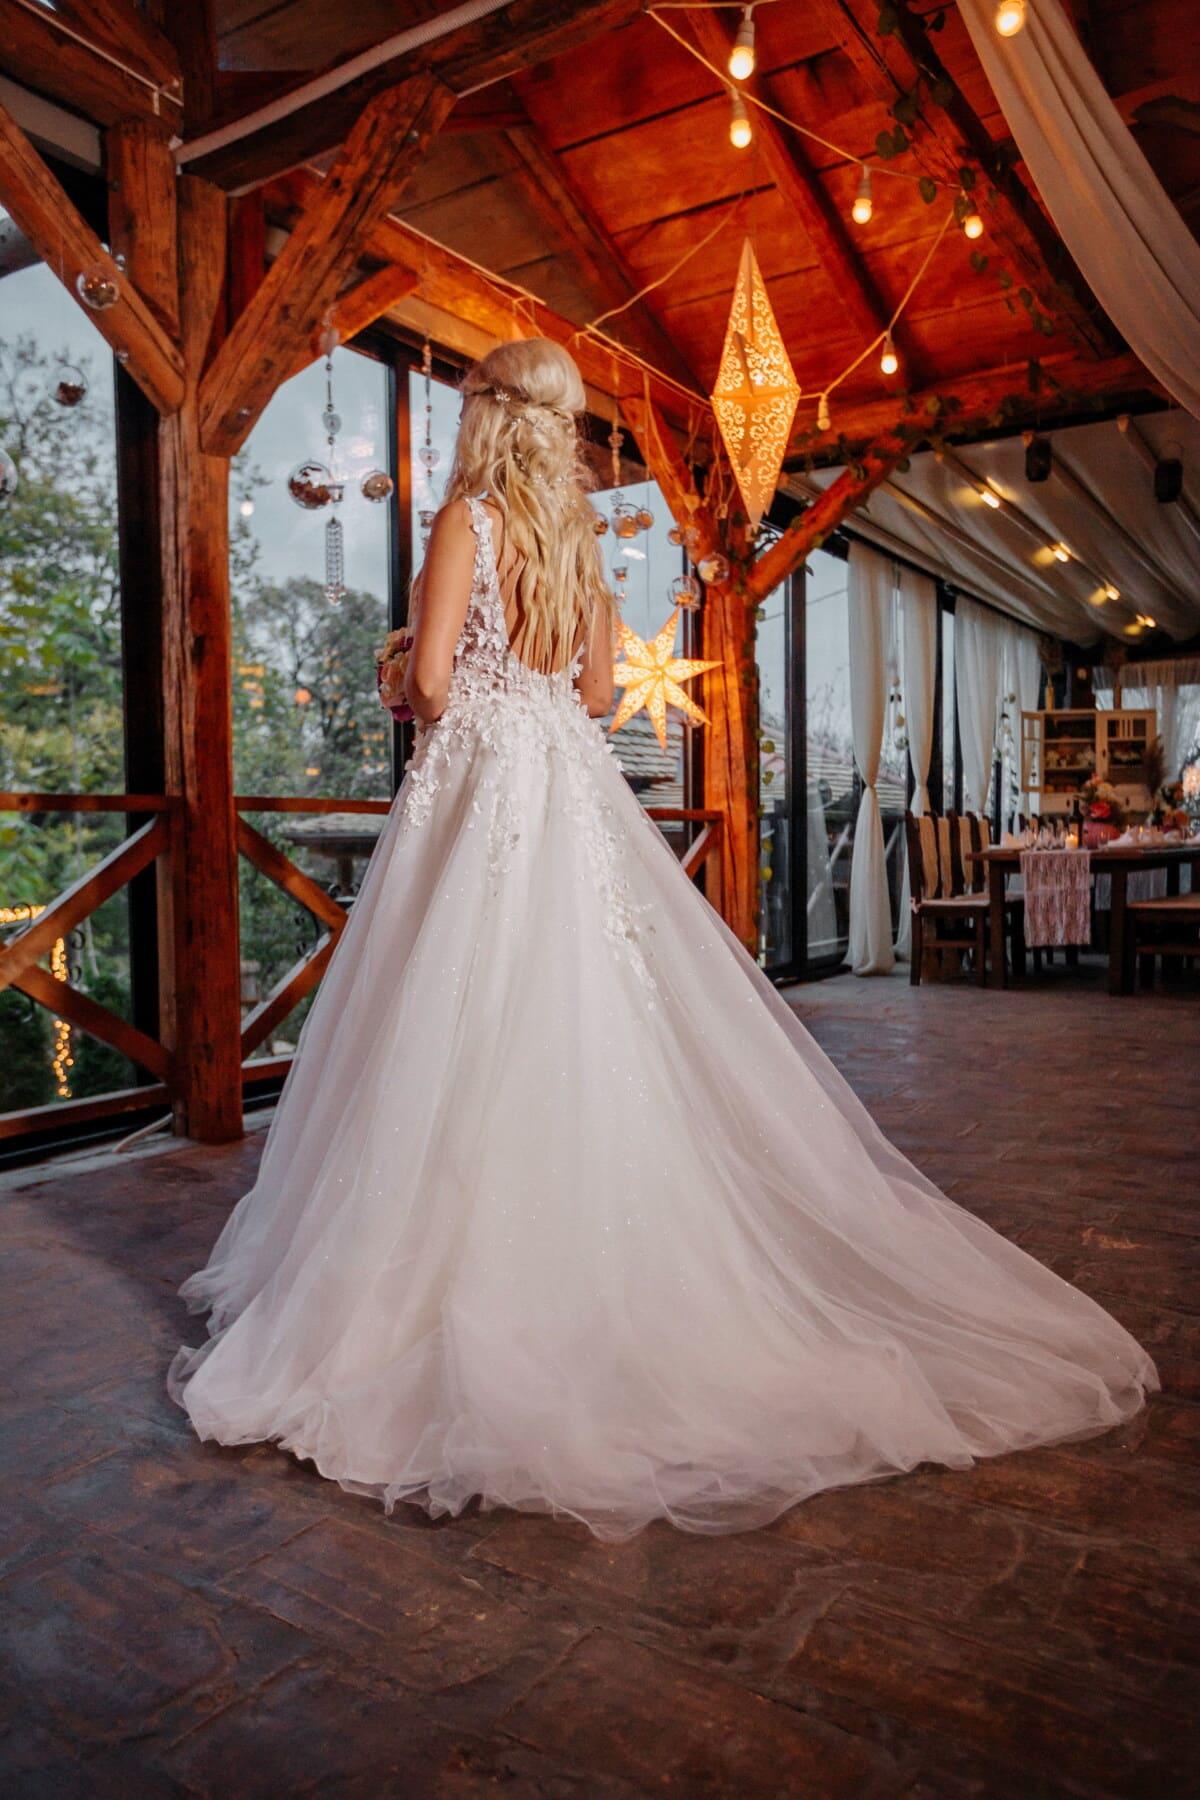 Blondine, Braut, posiert, Hochzeitskleid, Atmosphäre, Restaurant, Cafeteria, Ehe, Liebe, Bräutigam